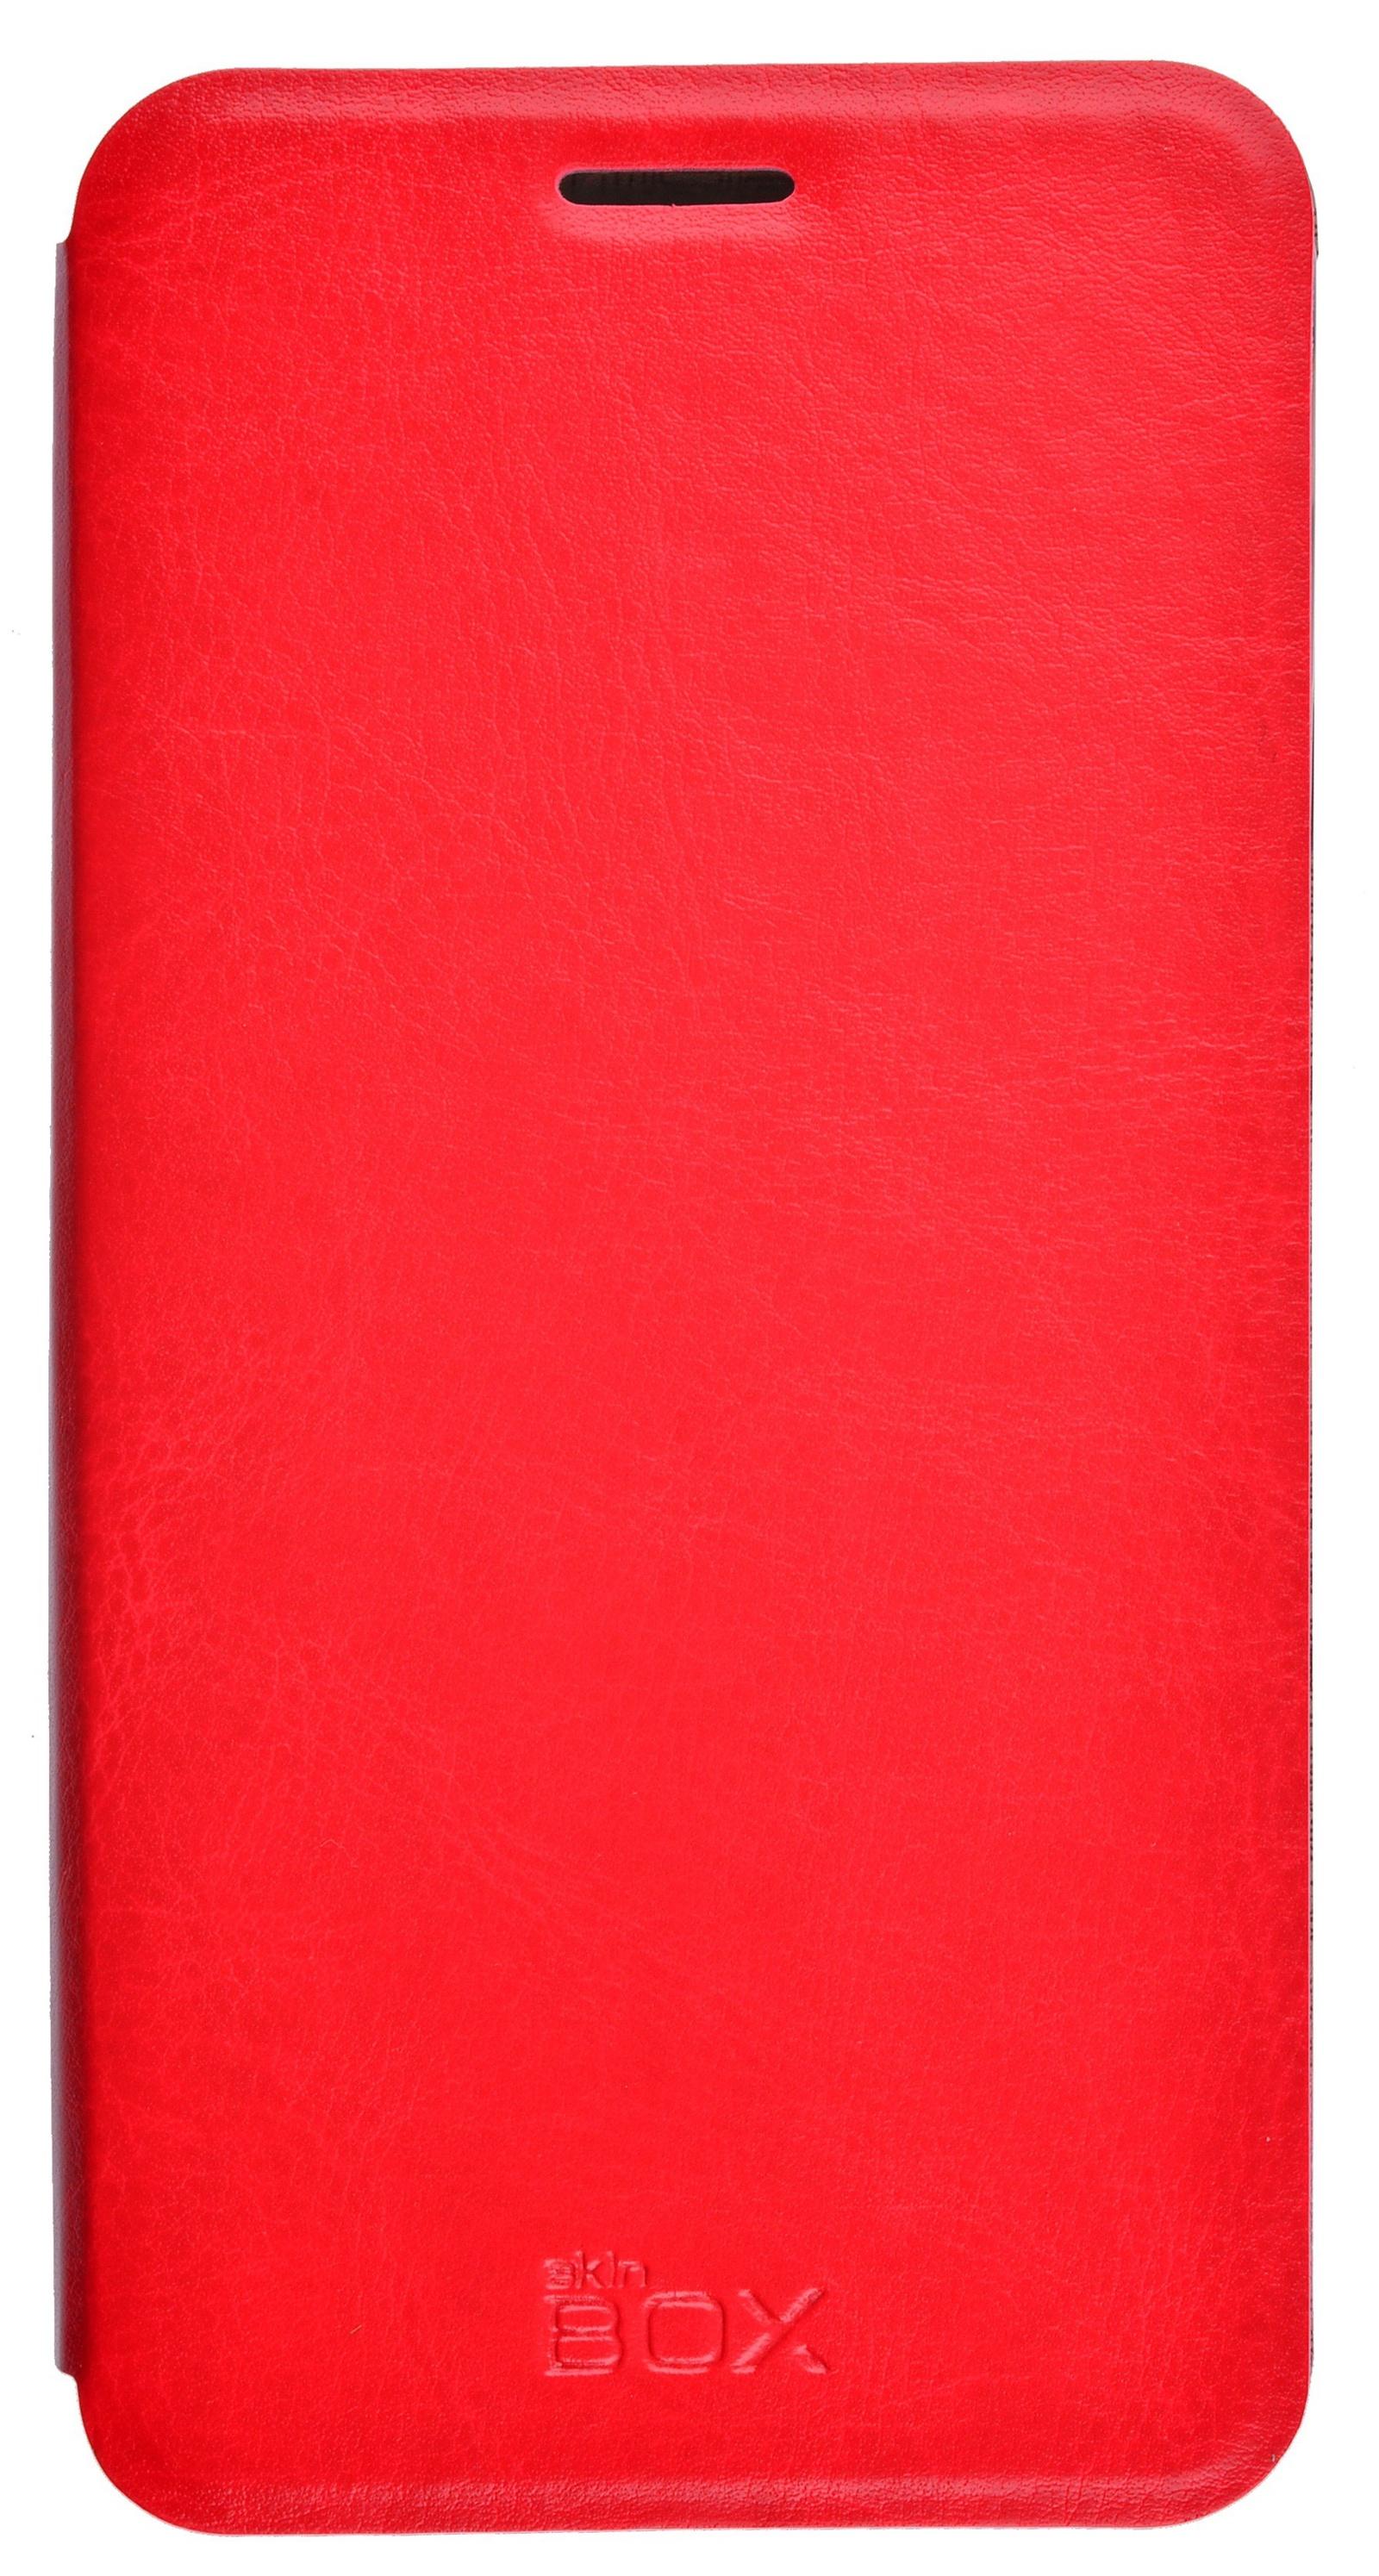 Чехол для сотового телефона skinBOX Lux, 4630042525337, красный чехол защитный skinbox samsung galaxy j7 prime galaxy on7 sm g600f